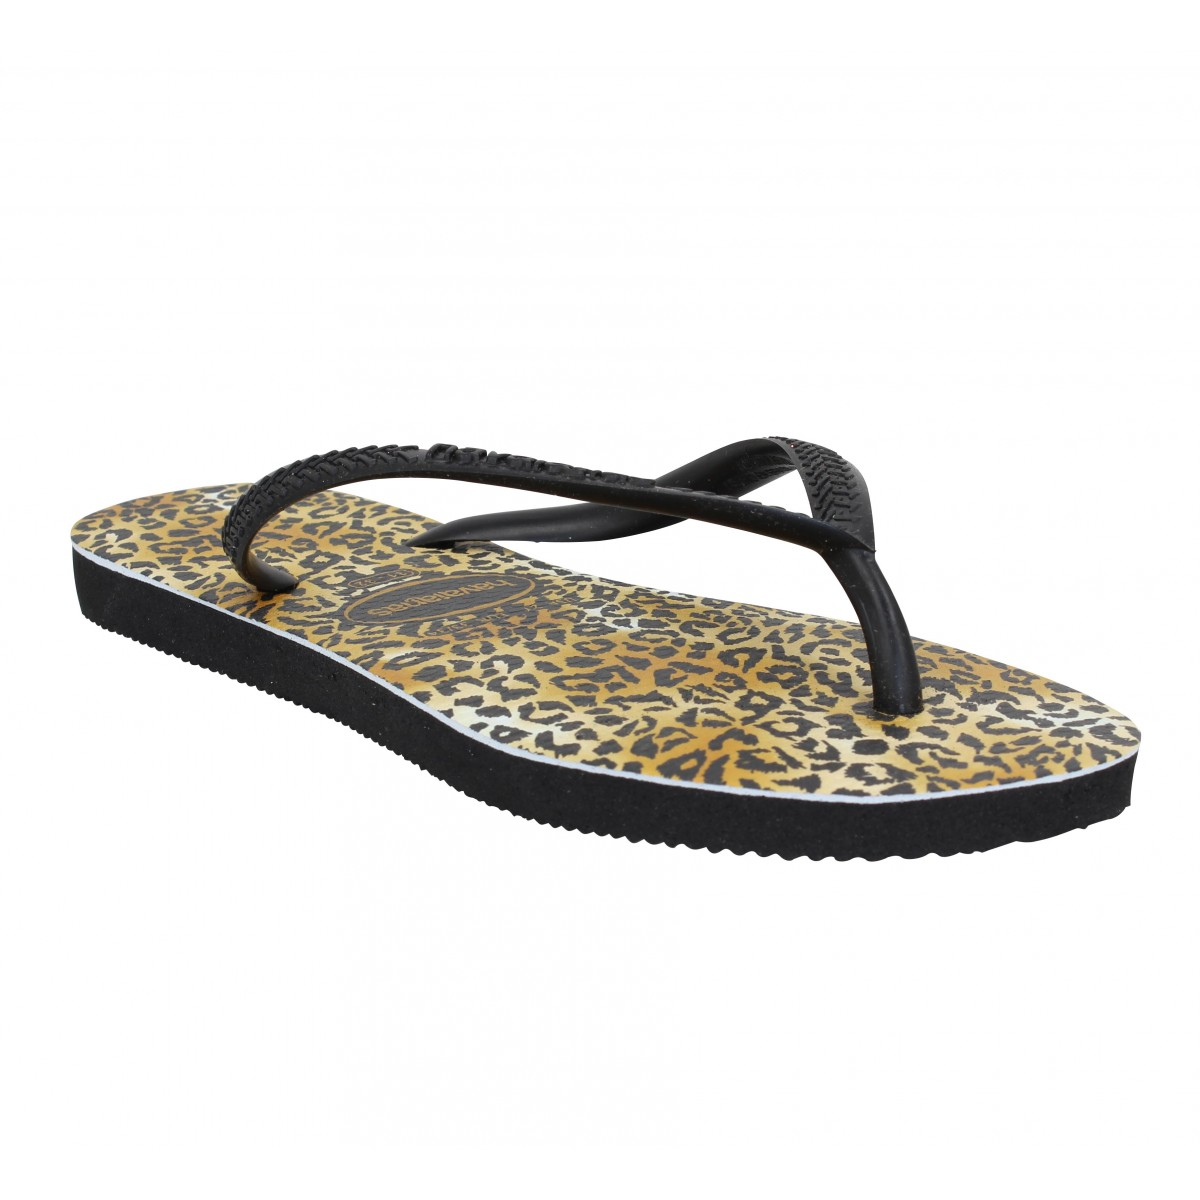 Tongs HAVAIANAS Slim Leopard caoutchouc Enfant Noir